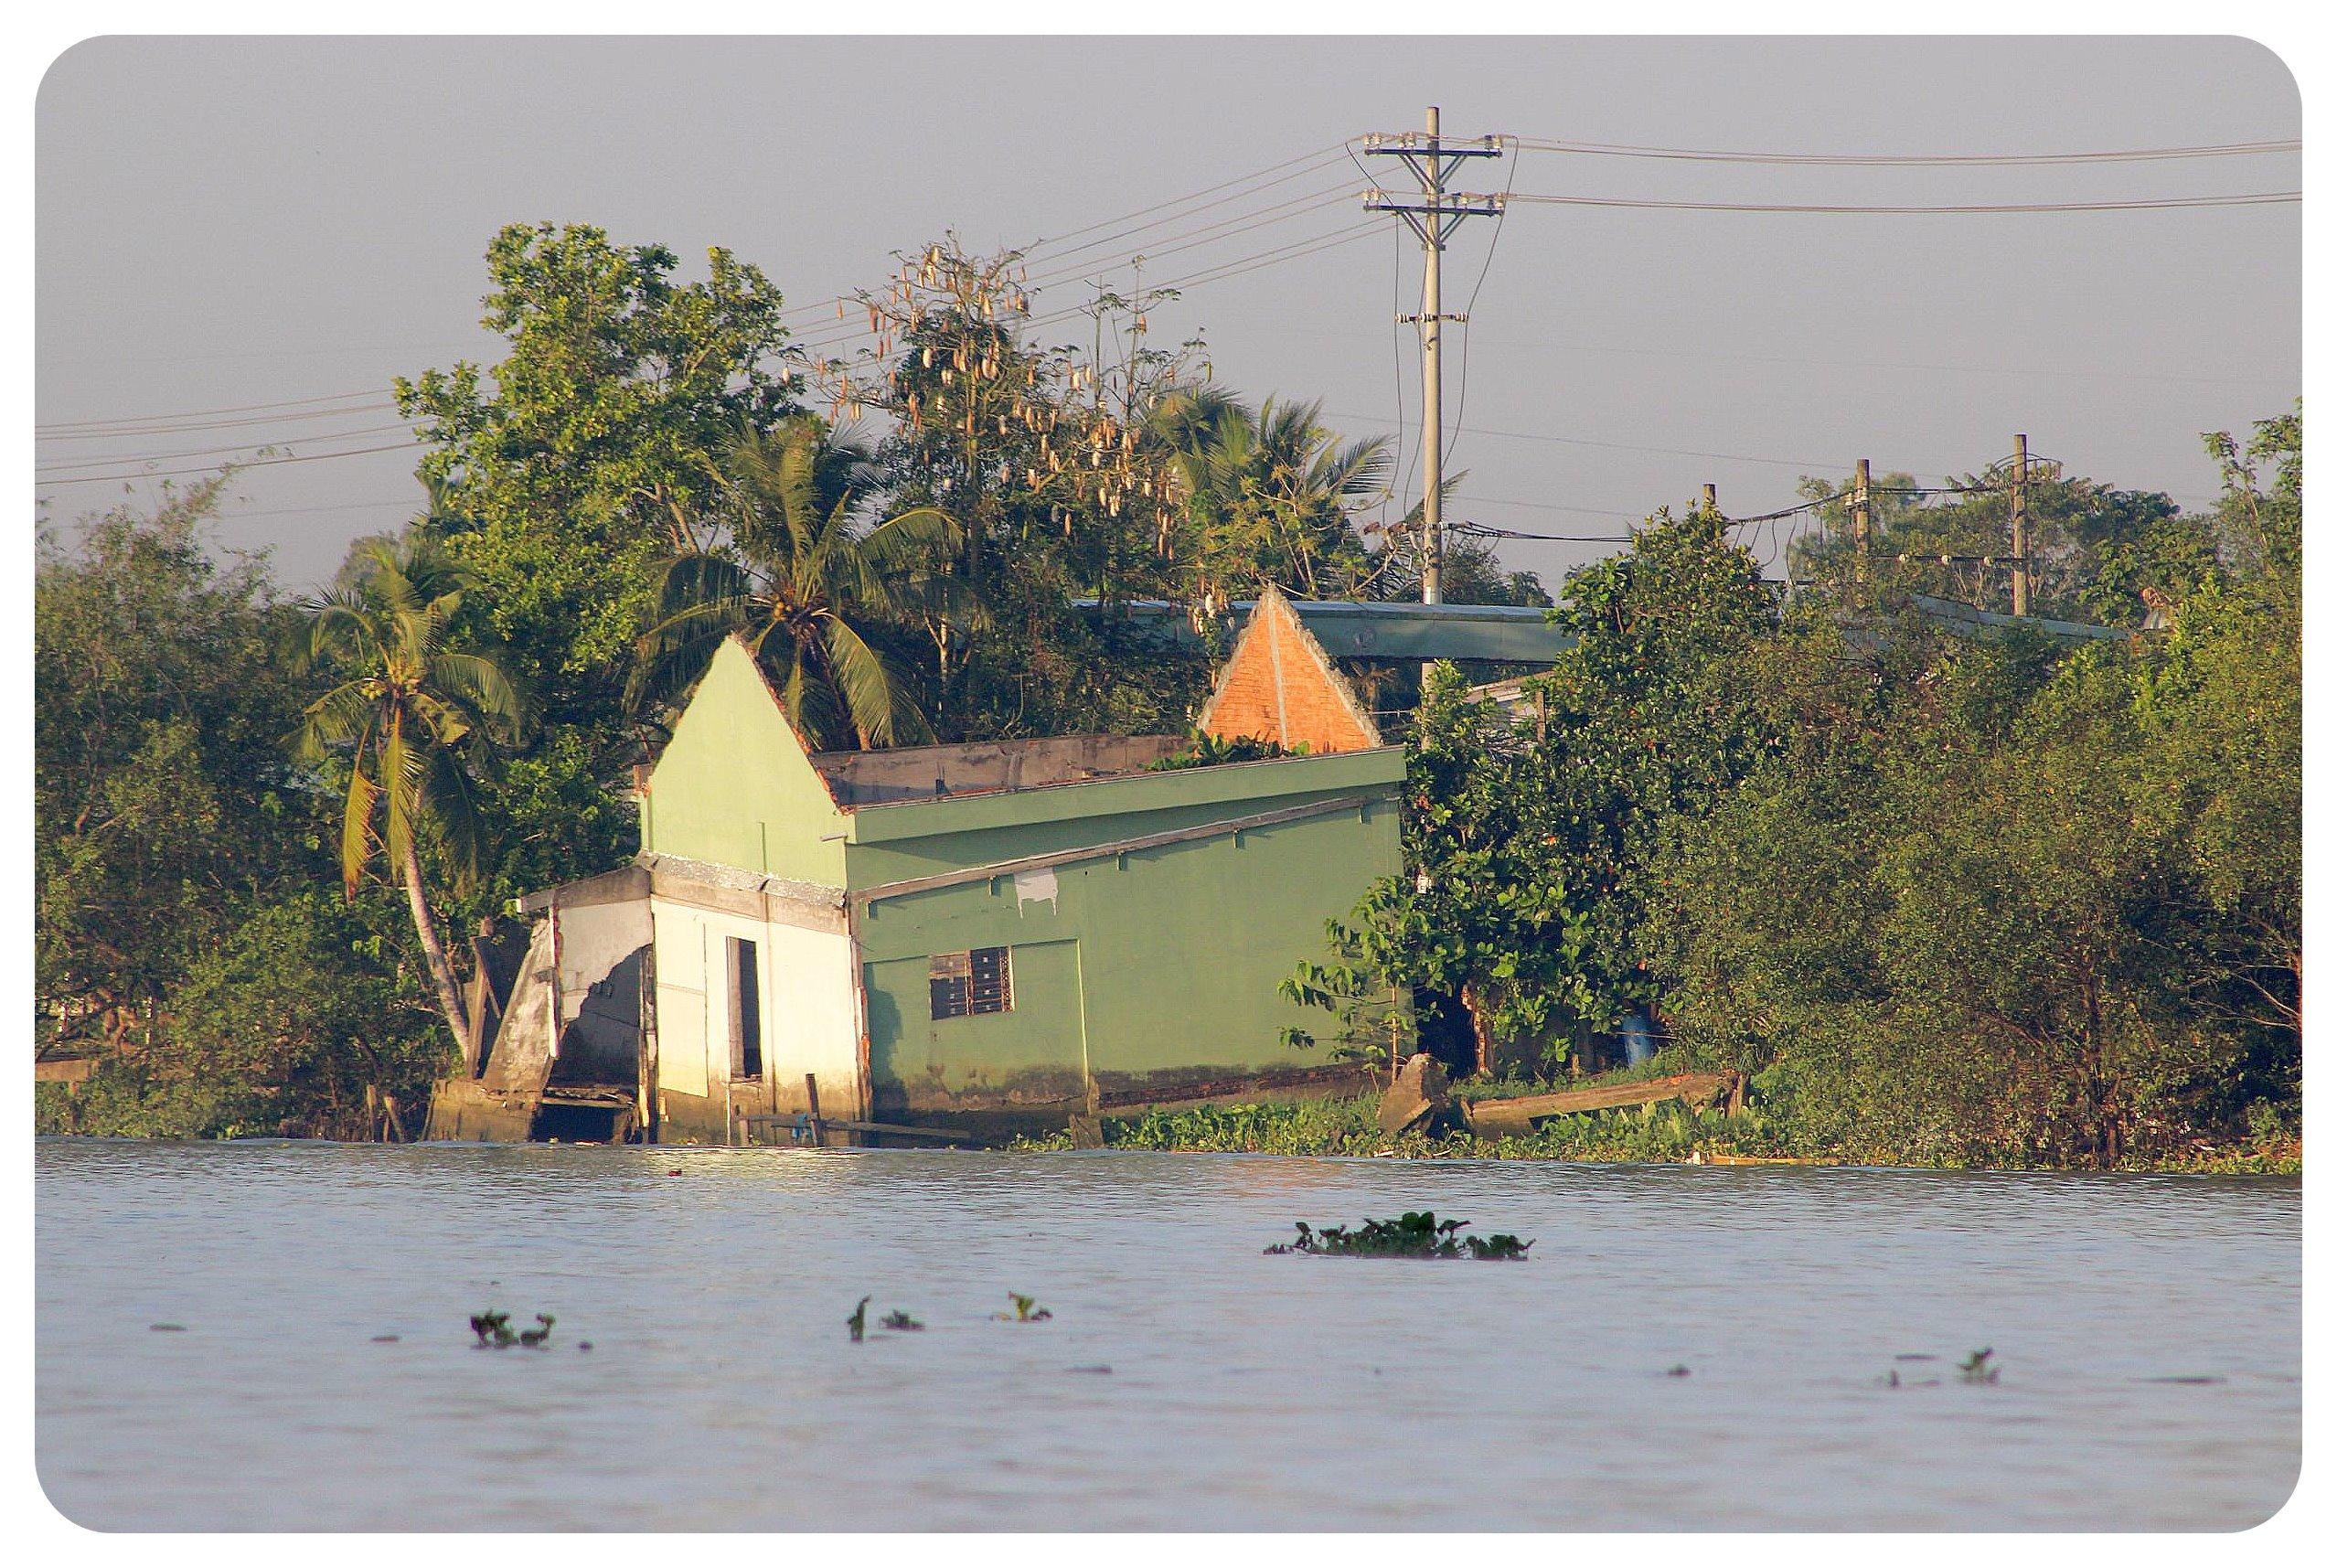 mekong delta abandoned house